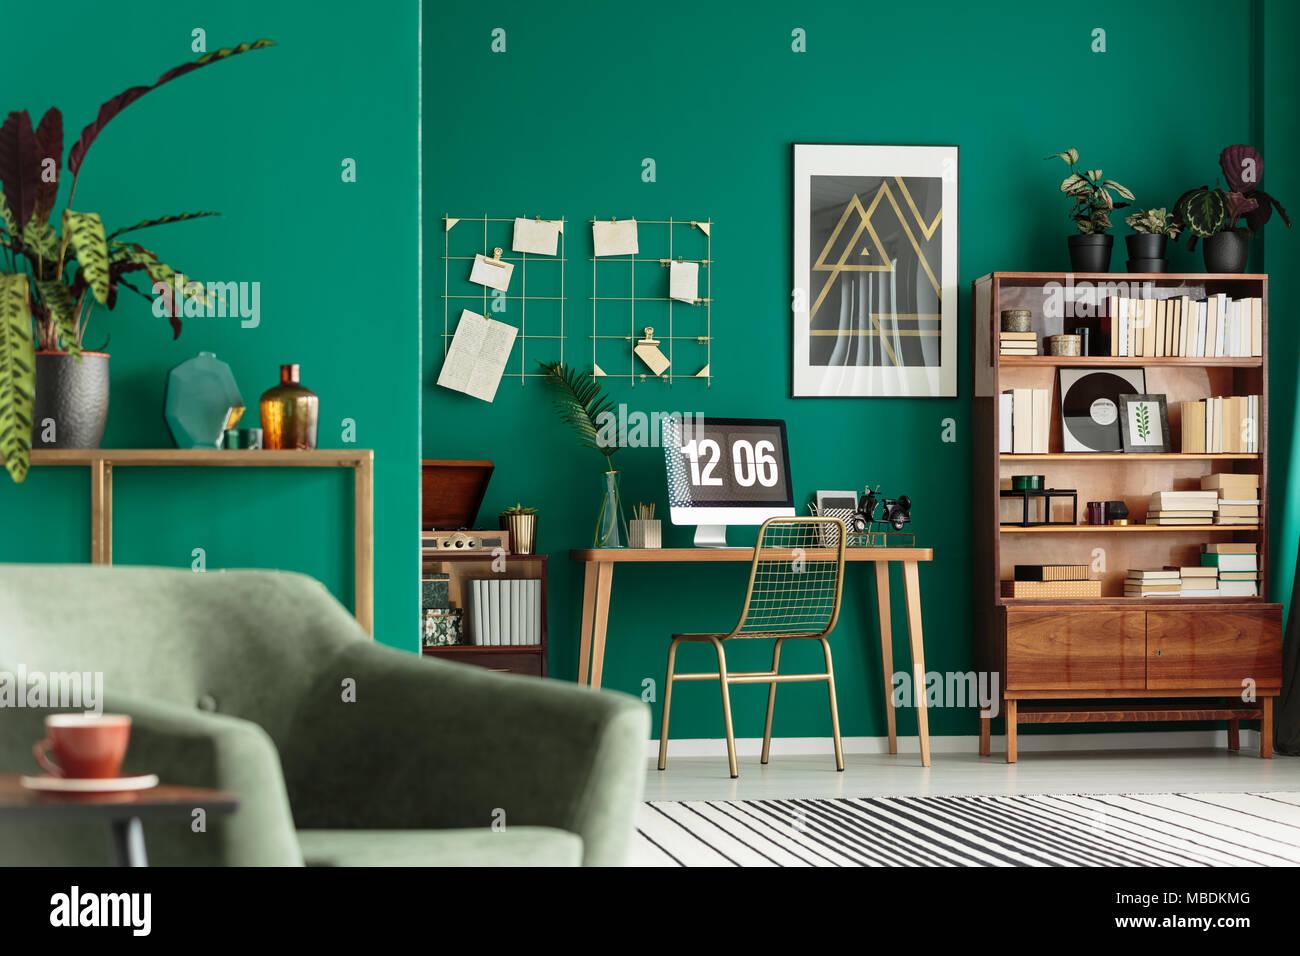 Green living room interior con libri sulla credenza in legno e scrivania per il lavoro remoto Immagini Stock